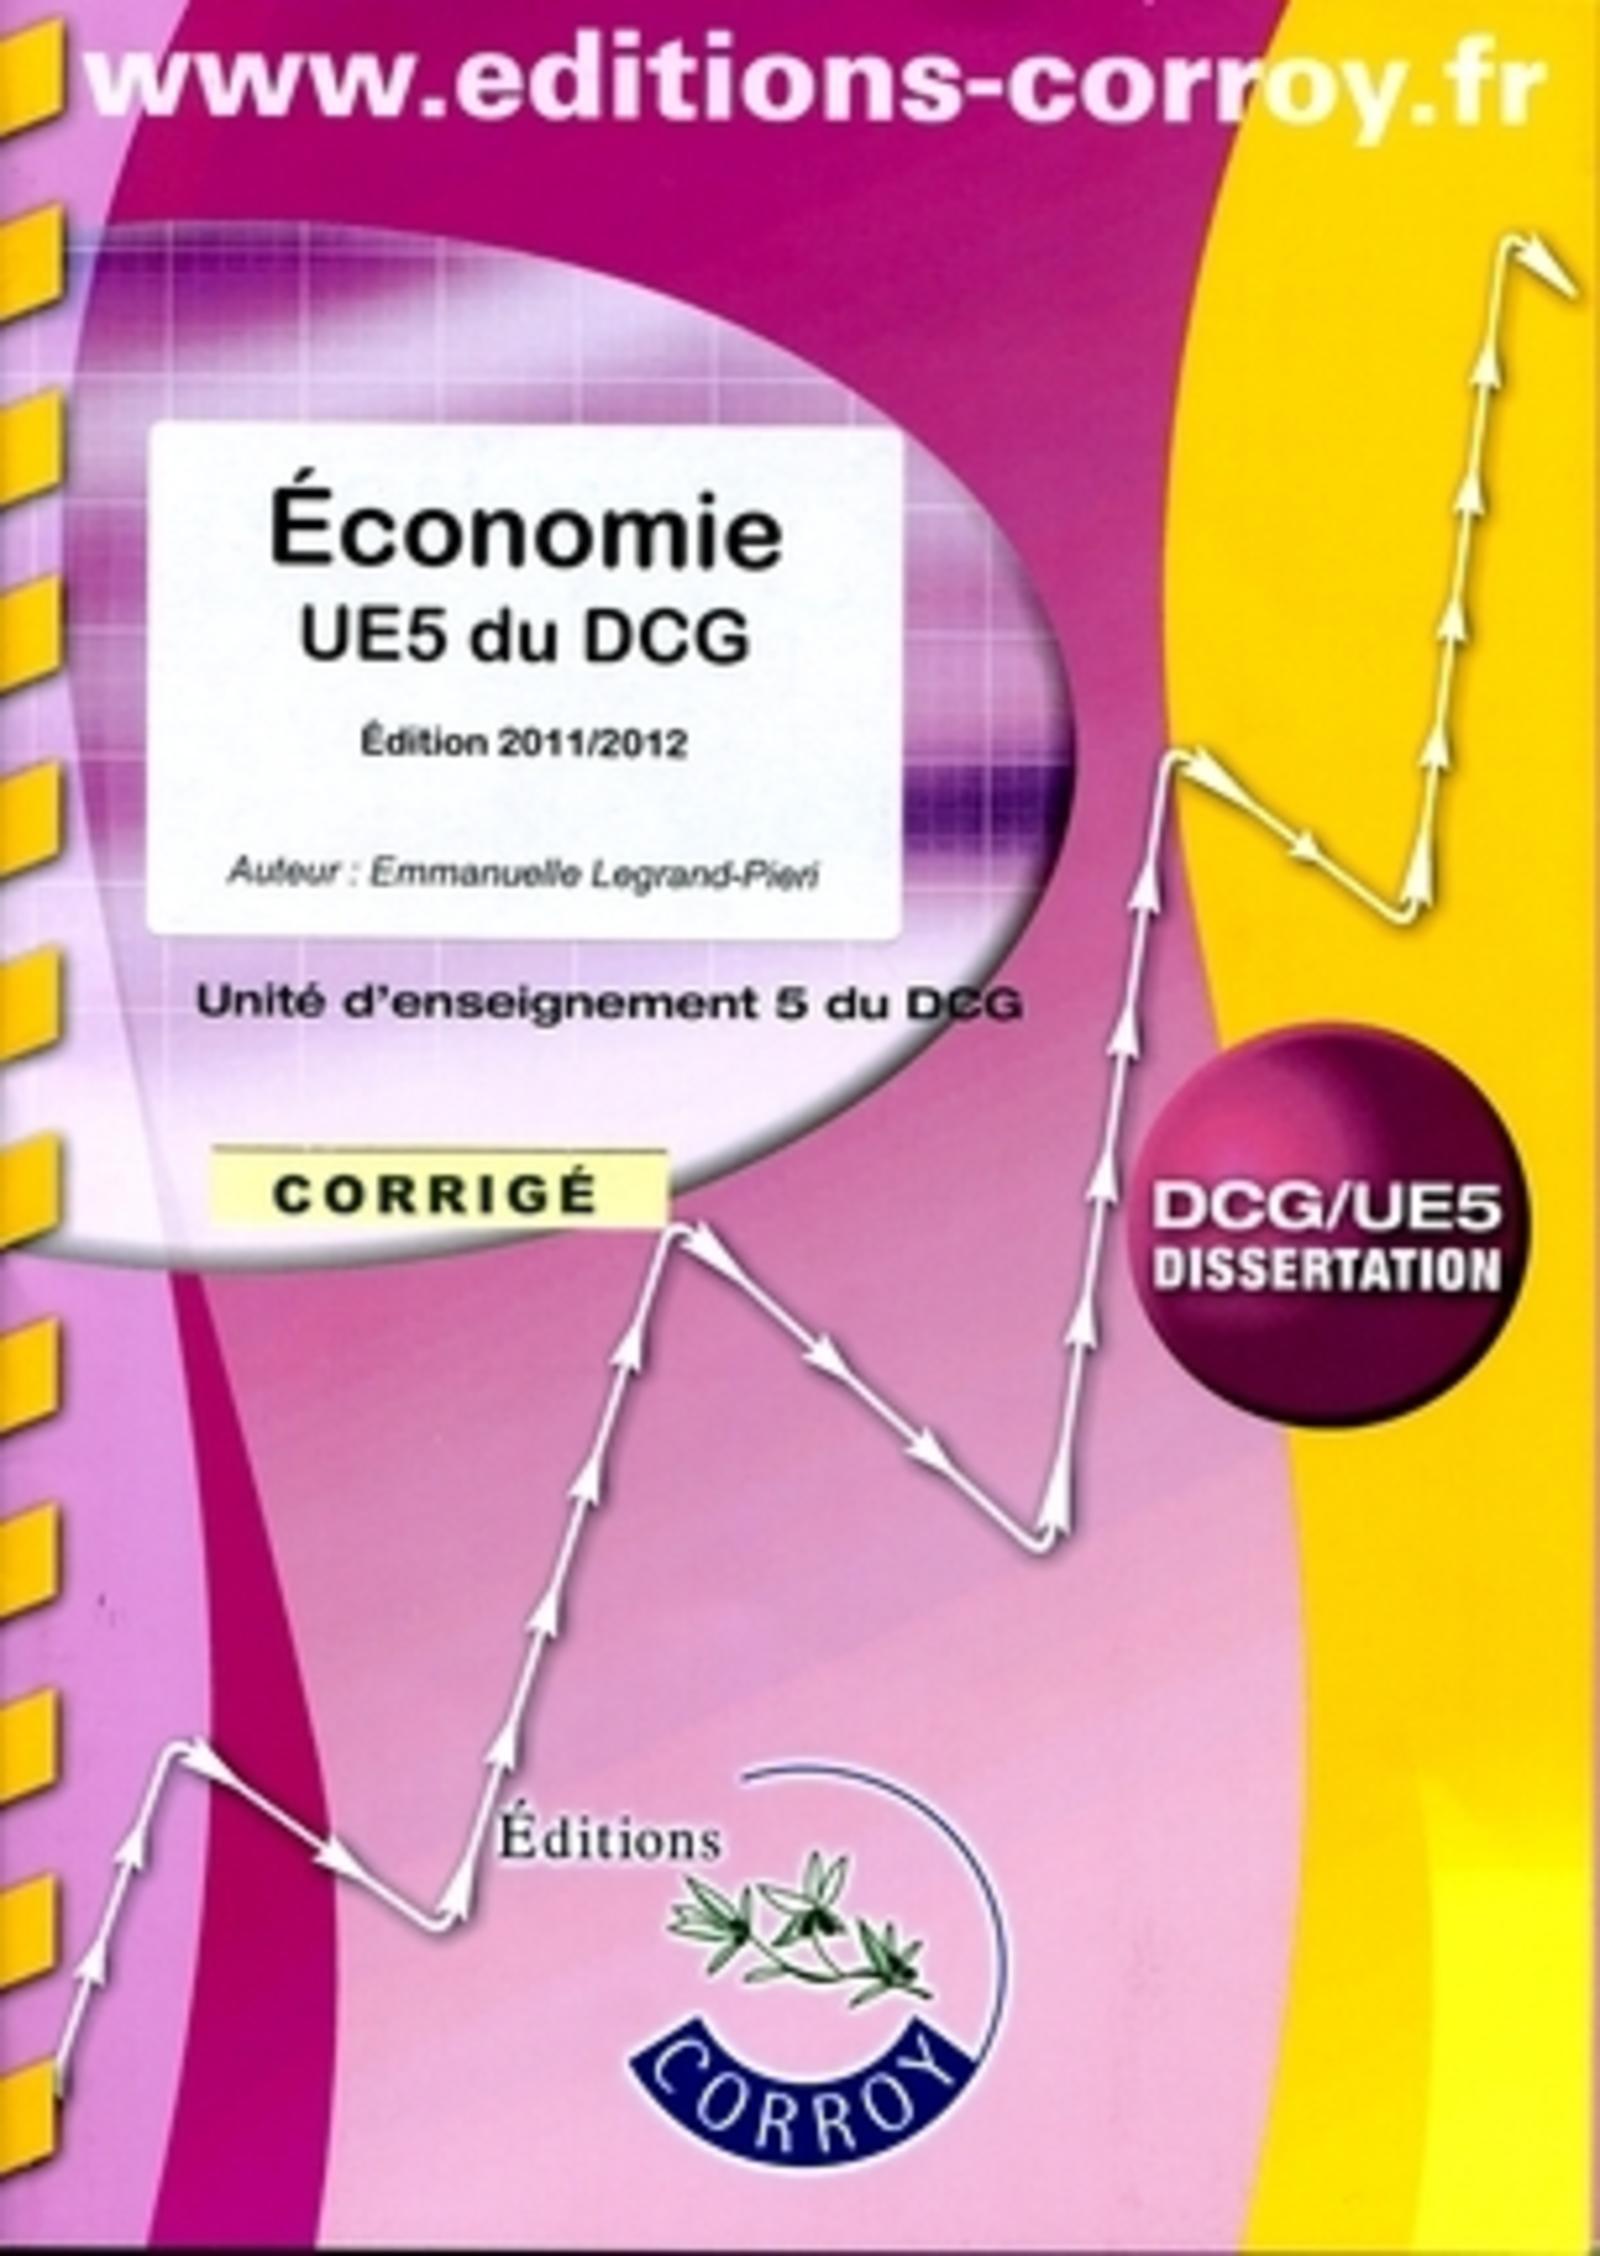 ECONOMIE EDITION 2011/2012 CORRIGE. UNITE D'ENSEIGNEMENT 5 DU DCG (POCHETTE)